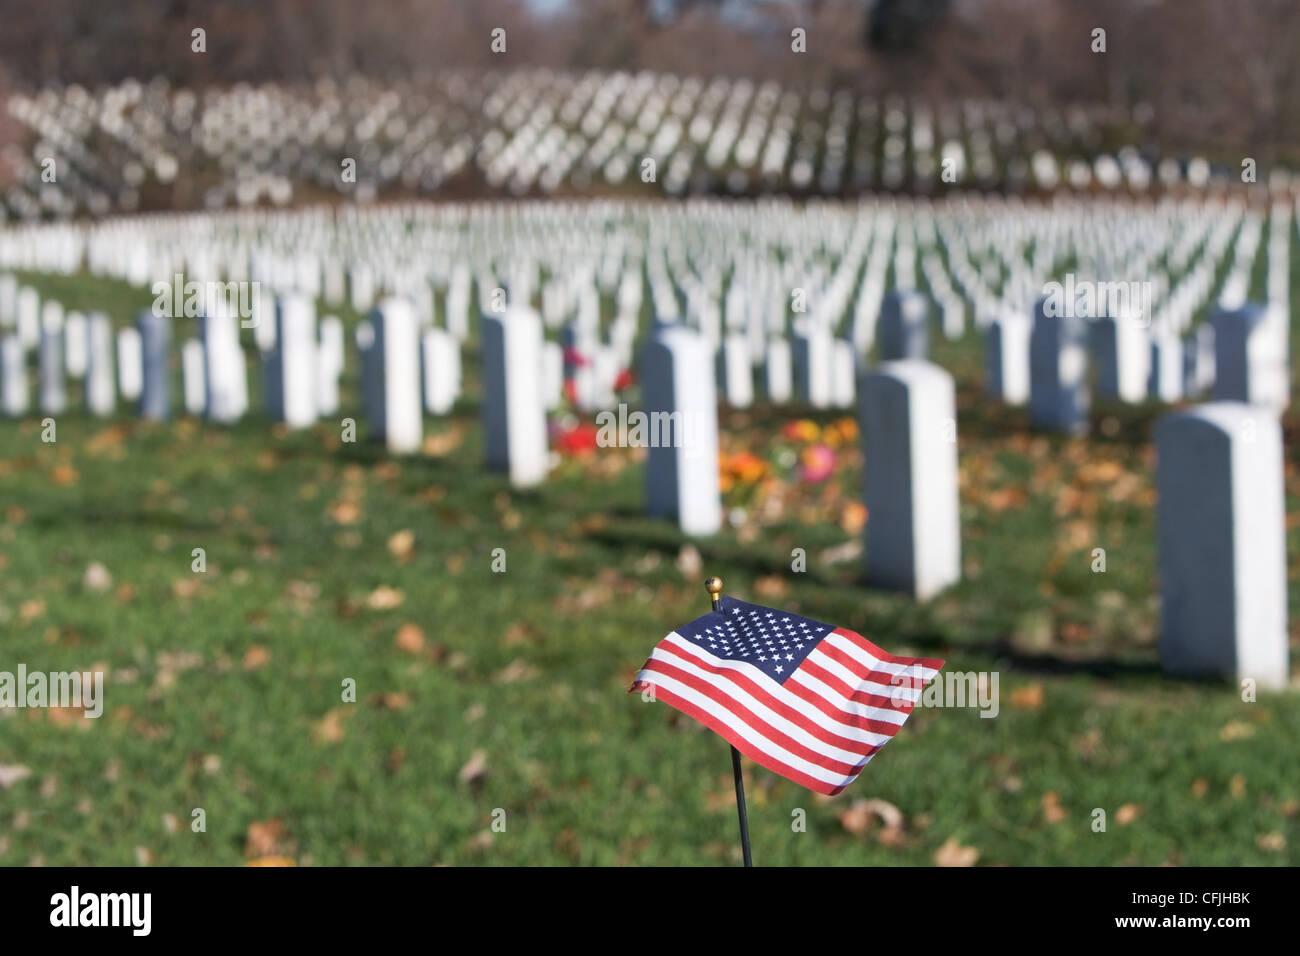 Arlington National Cemetery, Virginia USA - Stock Image